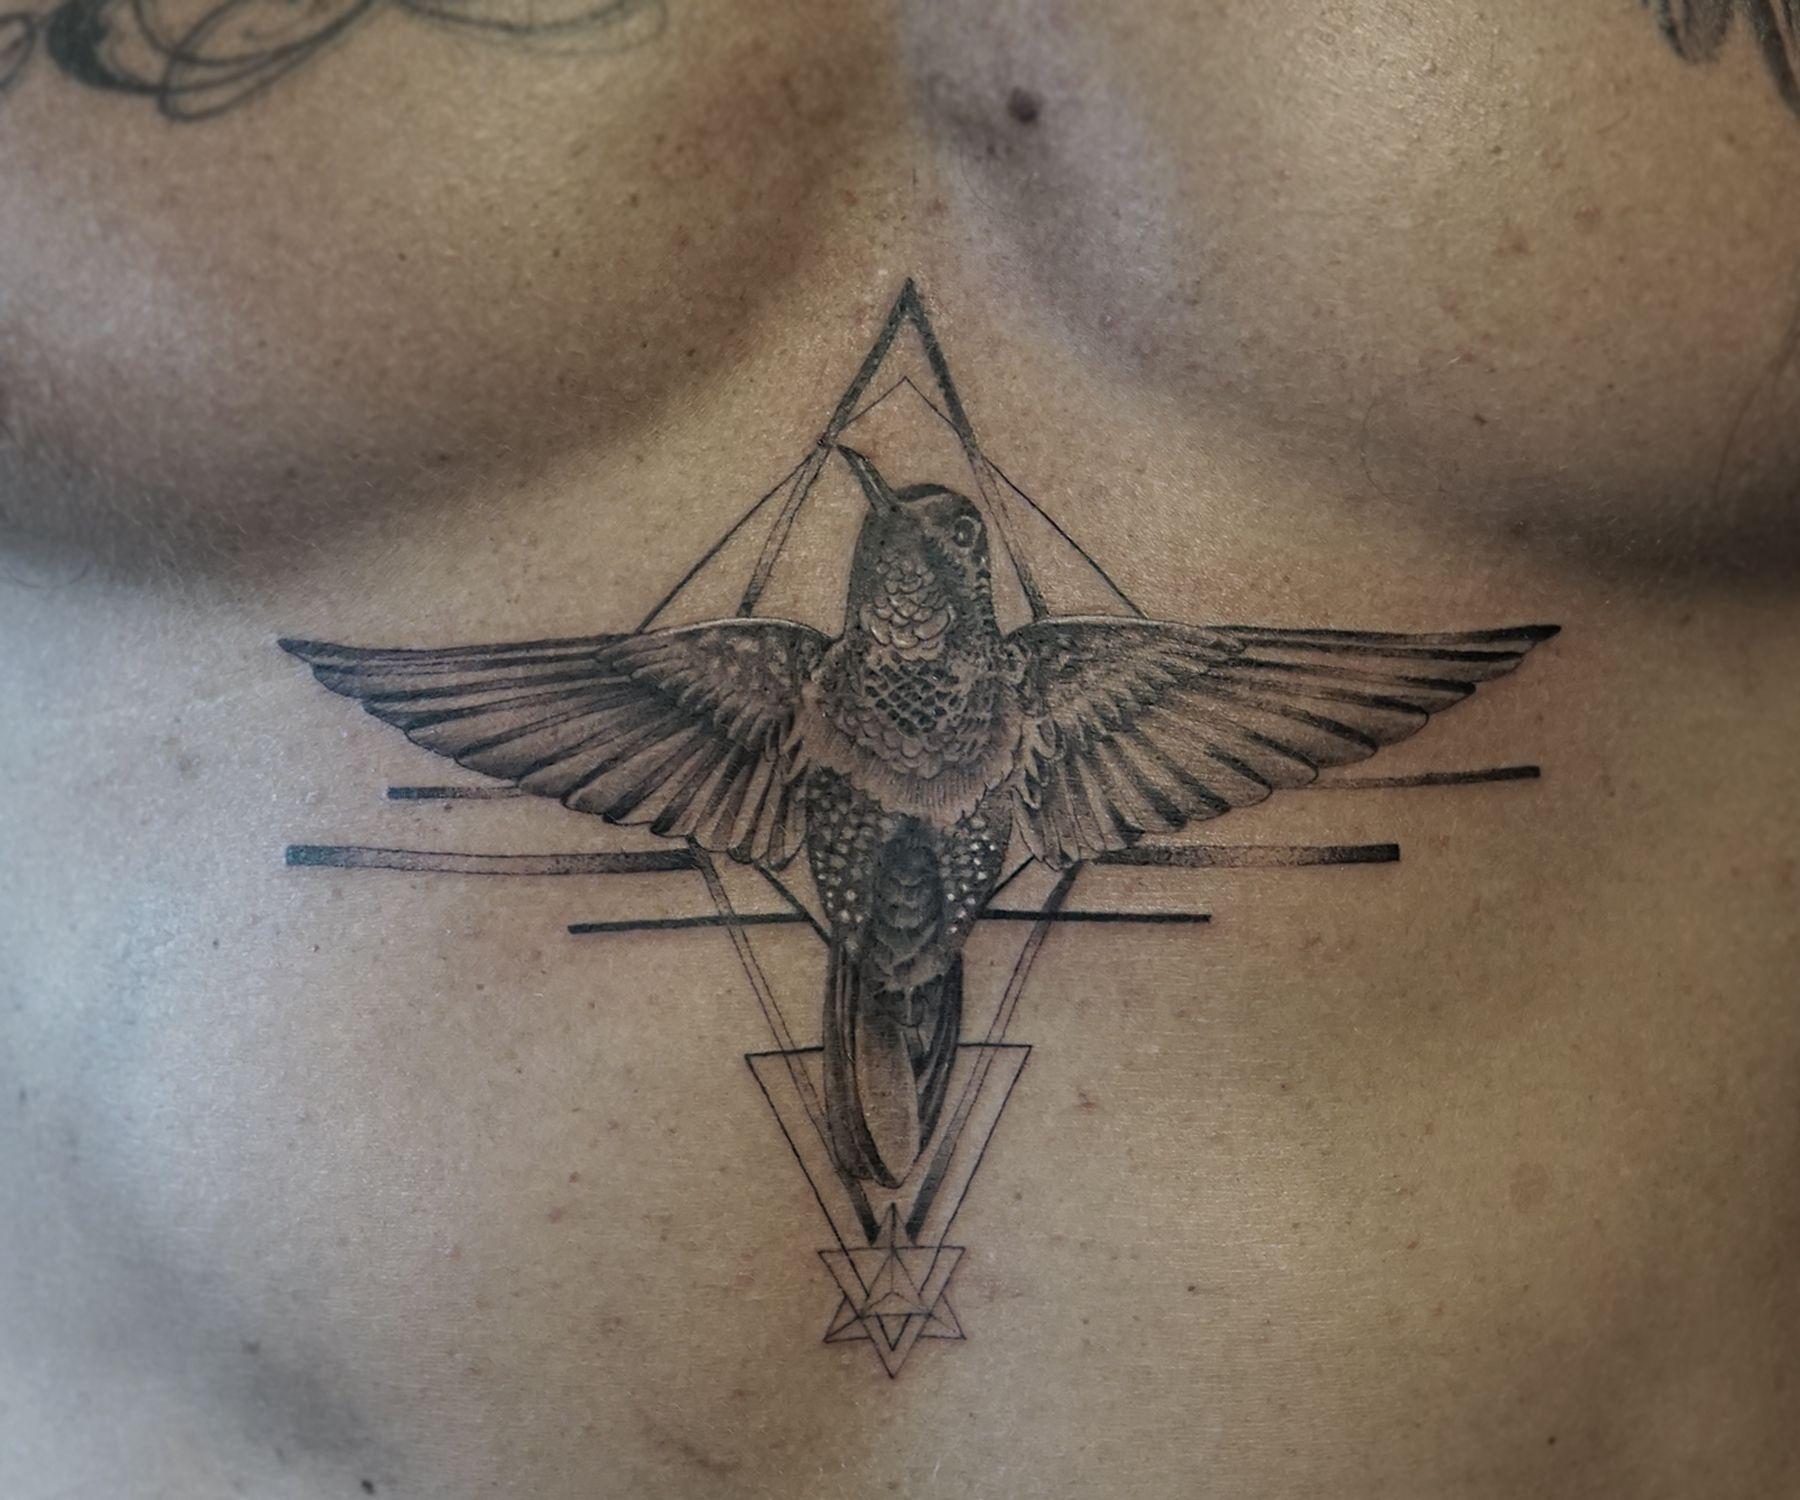 Dcmtattoos fine line tattoos single needle tattoo tattoos